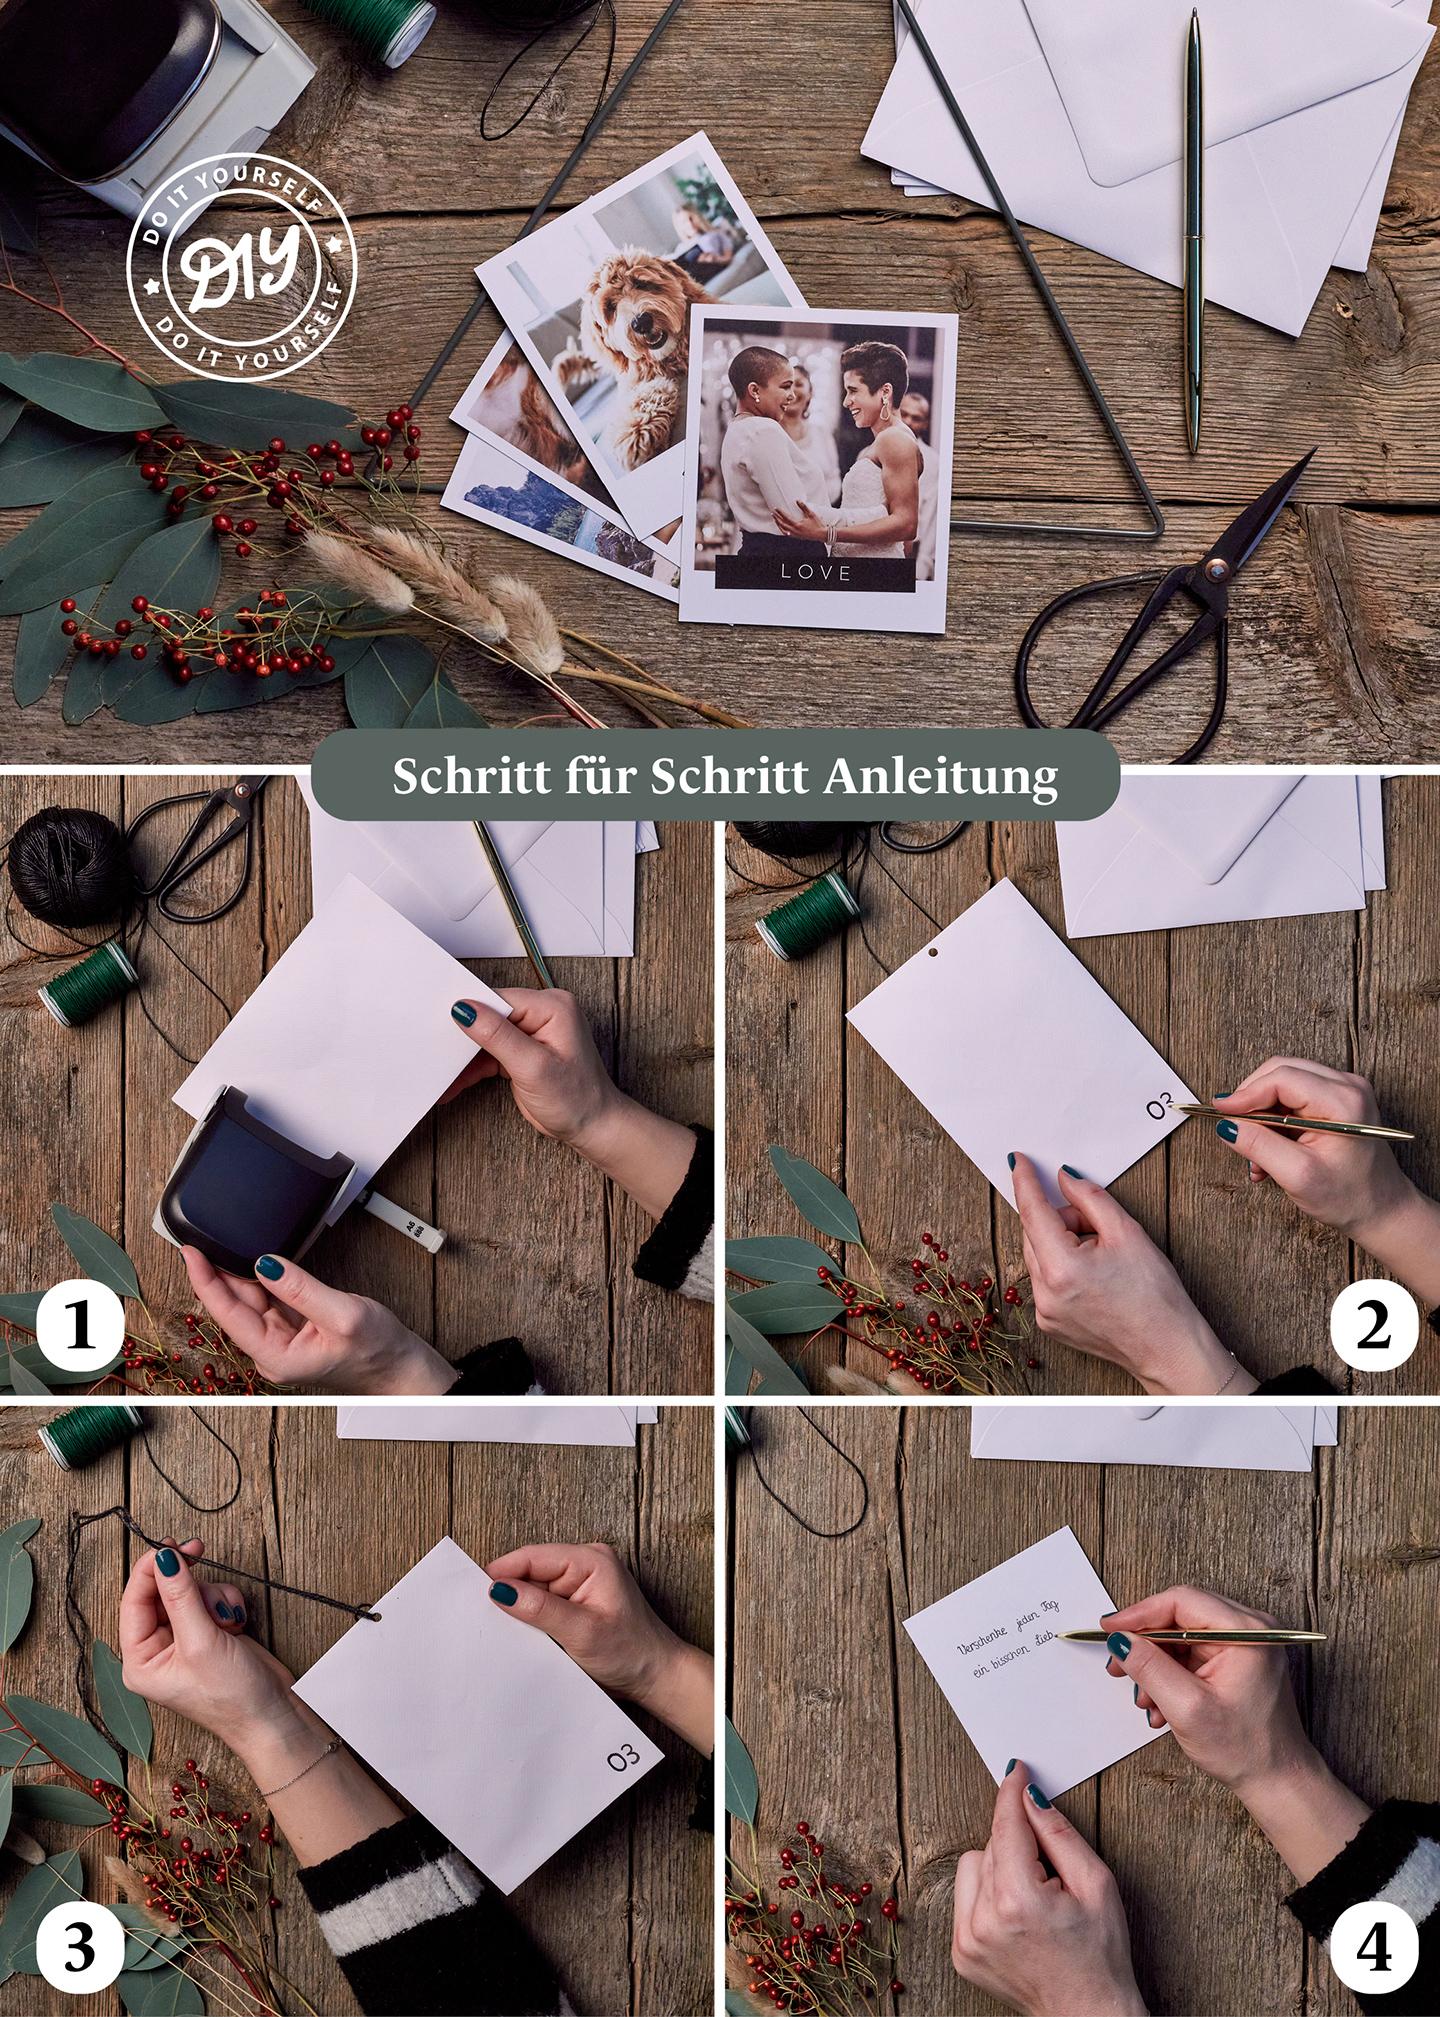 Schritt für Schritt Anleitung für Adventskalender selber basteln auf Holzuntergrund mit Retro-Bildern